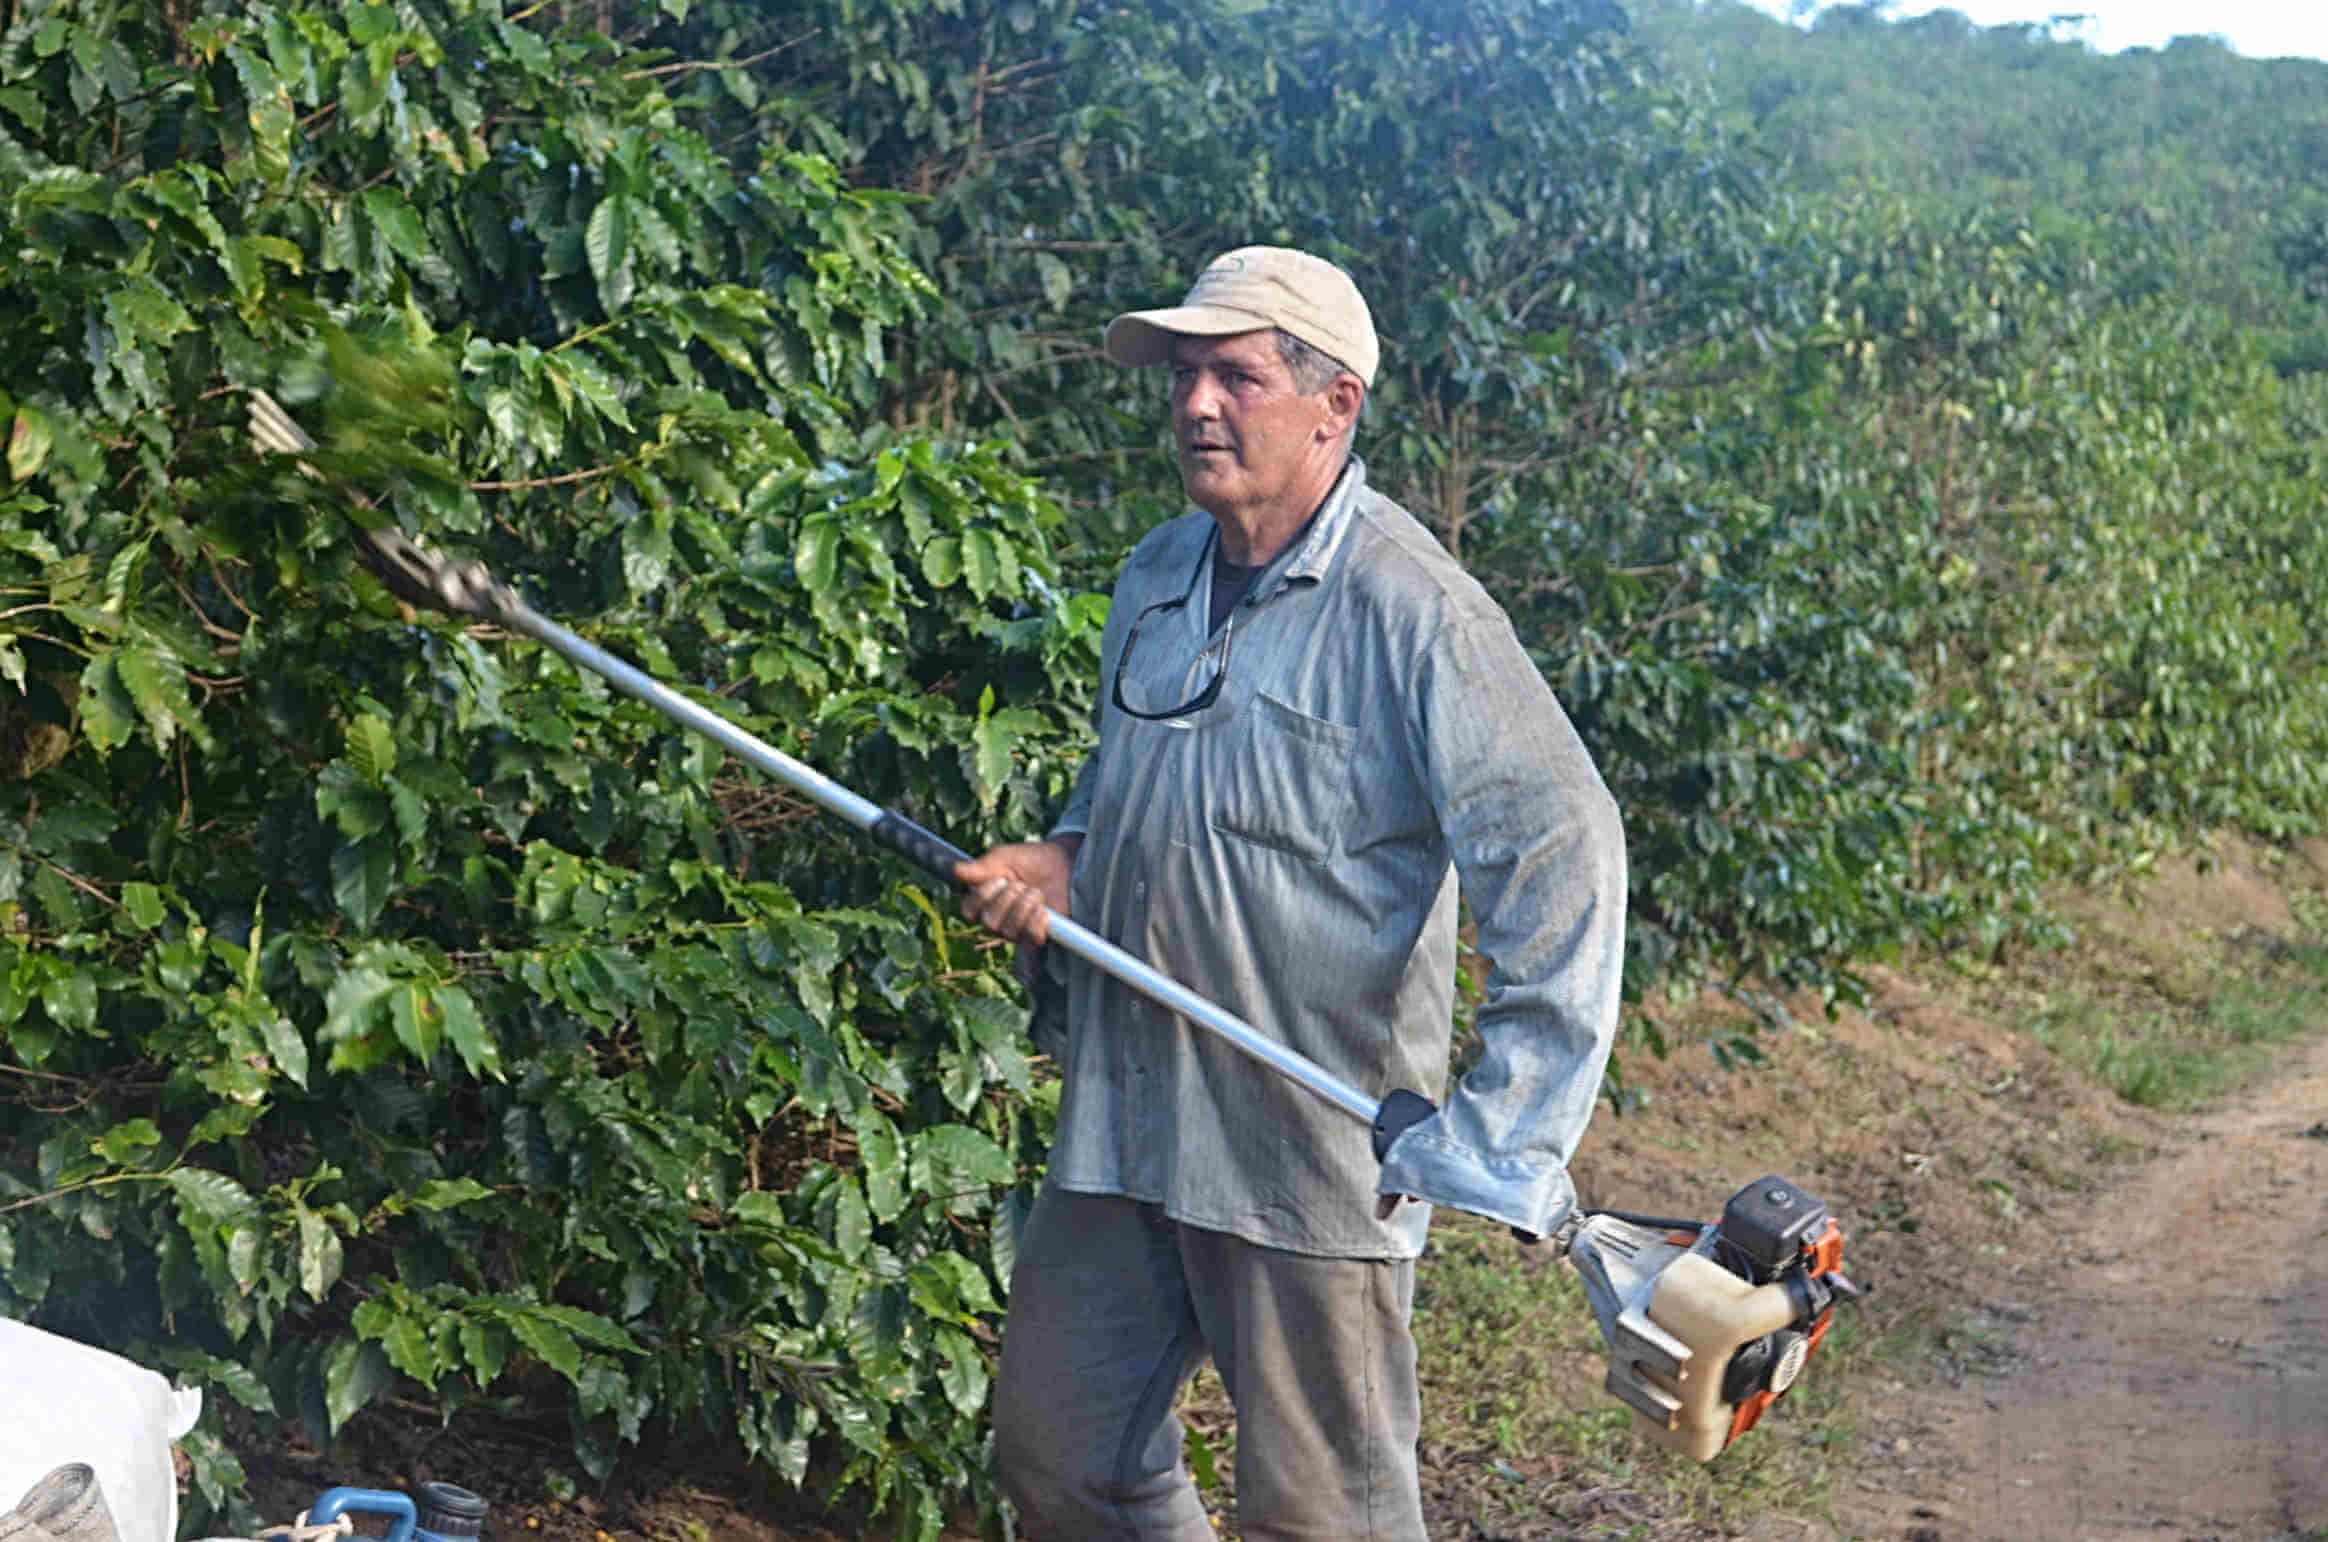 Zbiory kawy w Brazylii – Rzadko spotykane w Brazylii zbiory na wpół zmechanizowane, wykonywane przy użyciu specjalnych urządzeń.